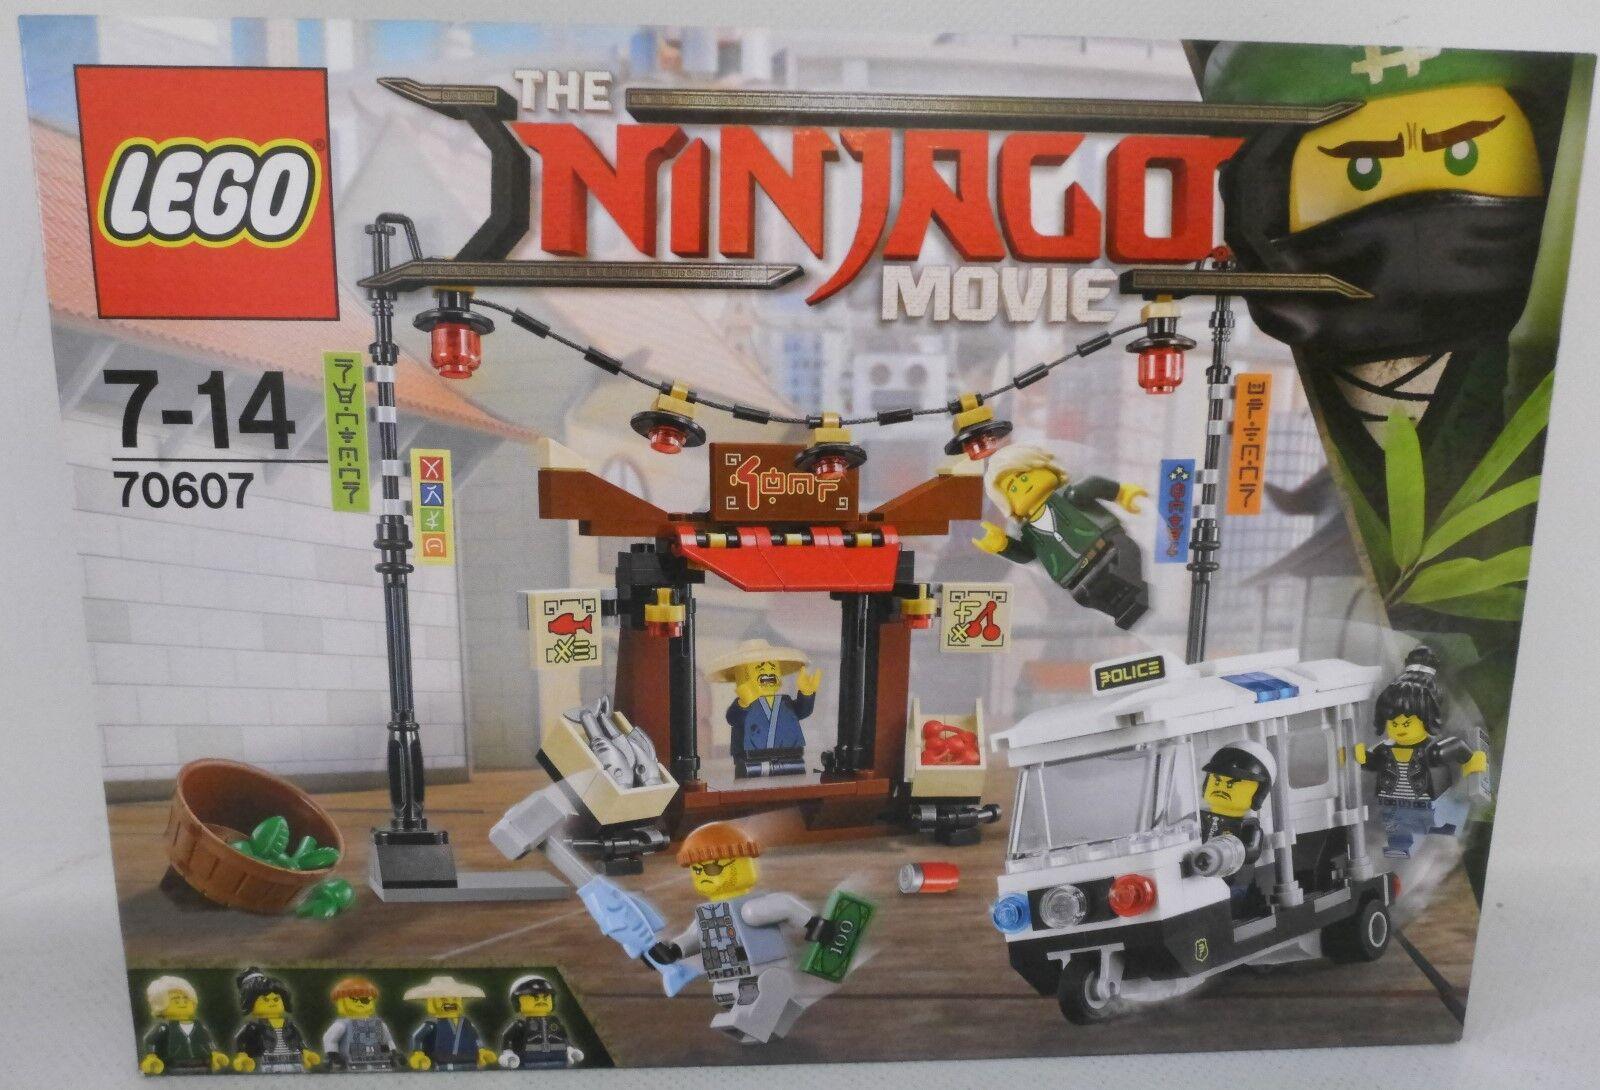 NEU LEGO® NINJAGO MOVIE 70607 Verfolgungsjagd in City OVP